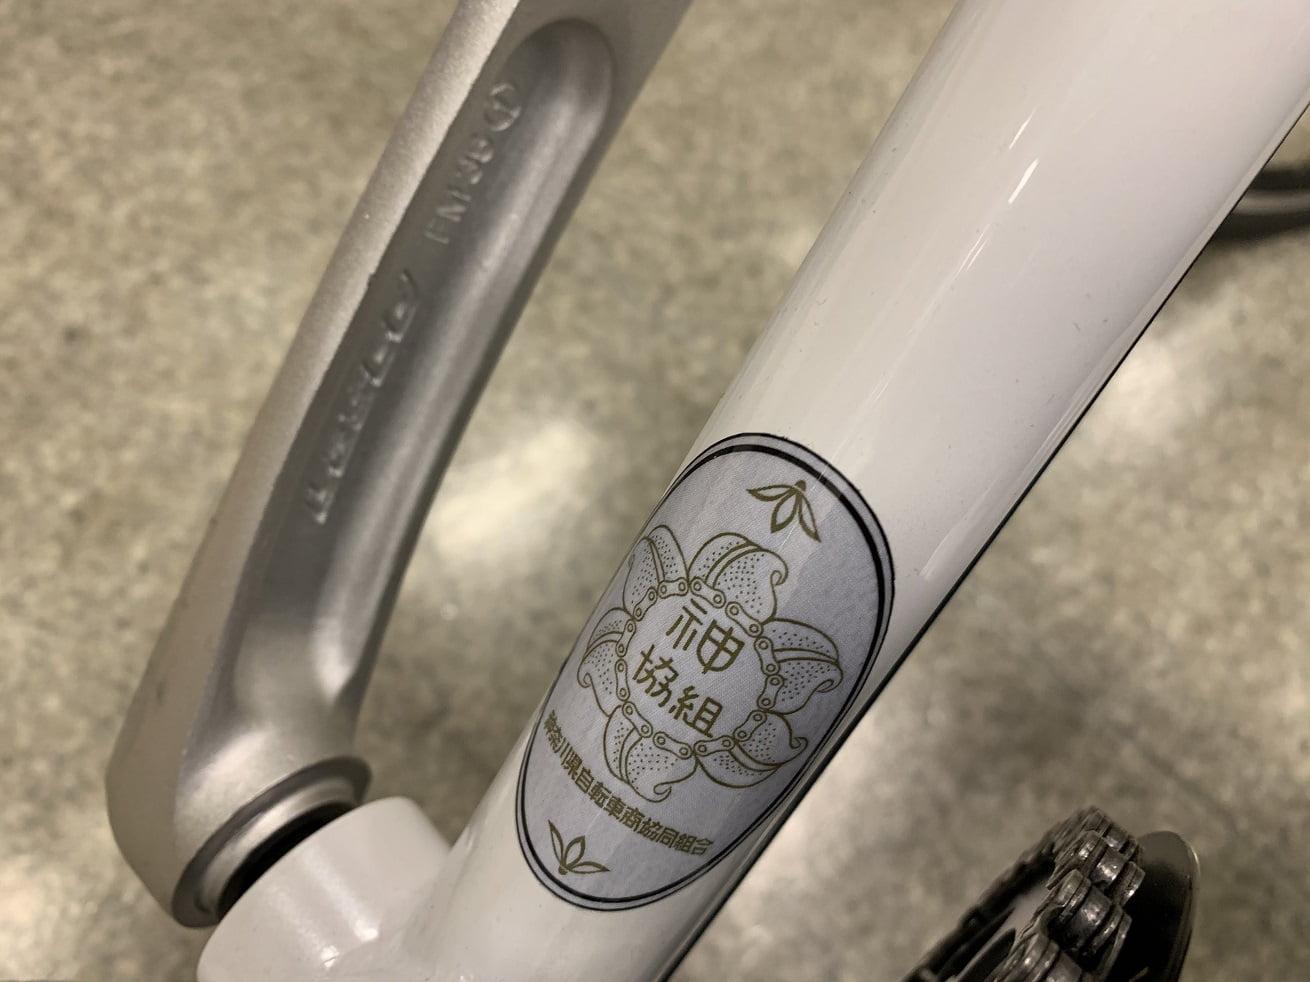 クロスバイク「かもめ自転車」の神奈川県自転車組合オリジナルのロゴ